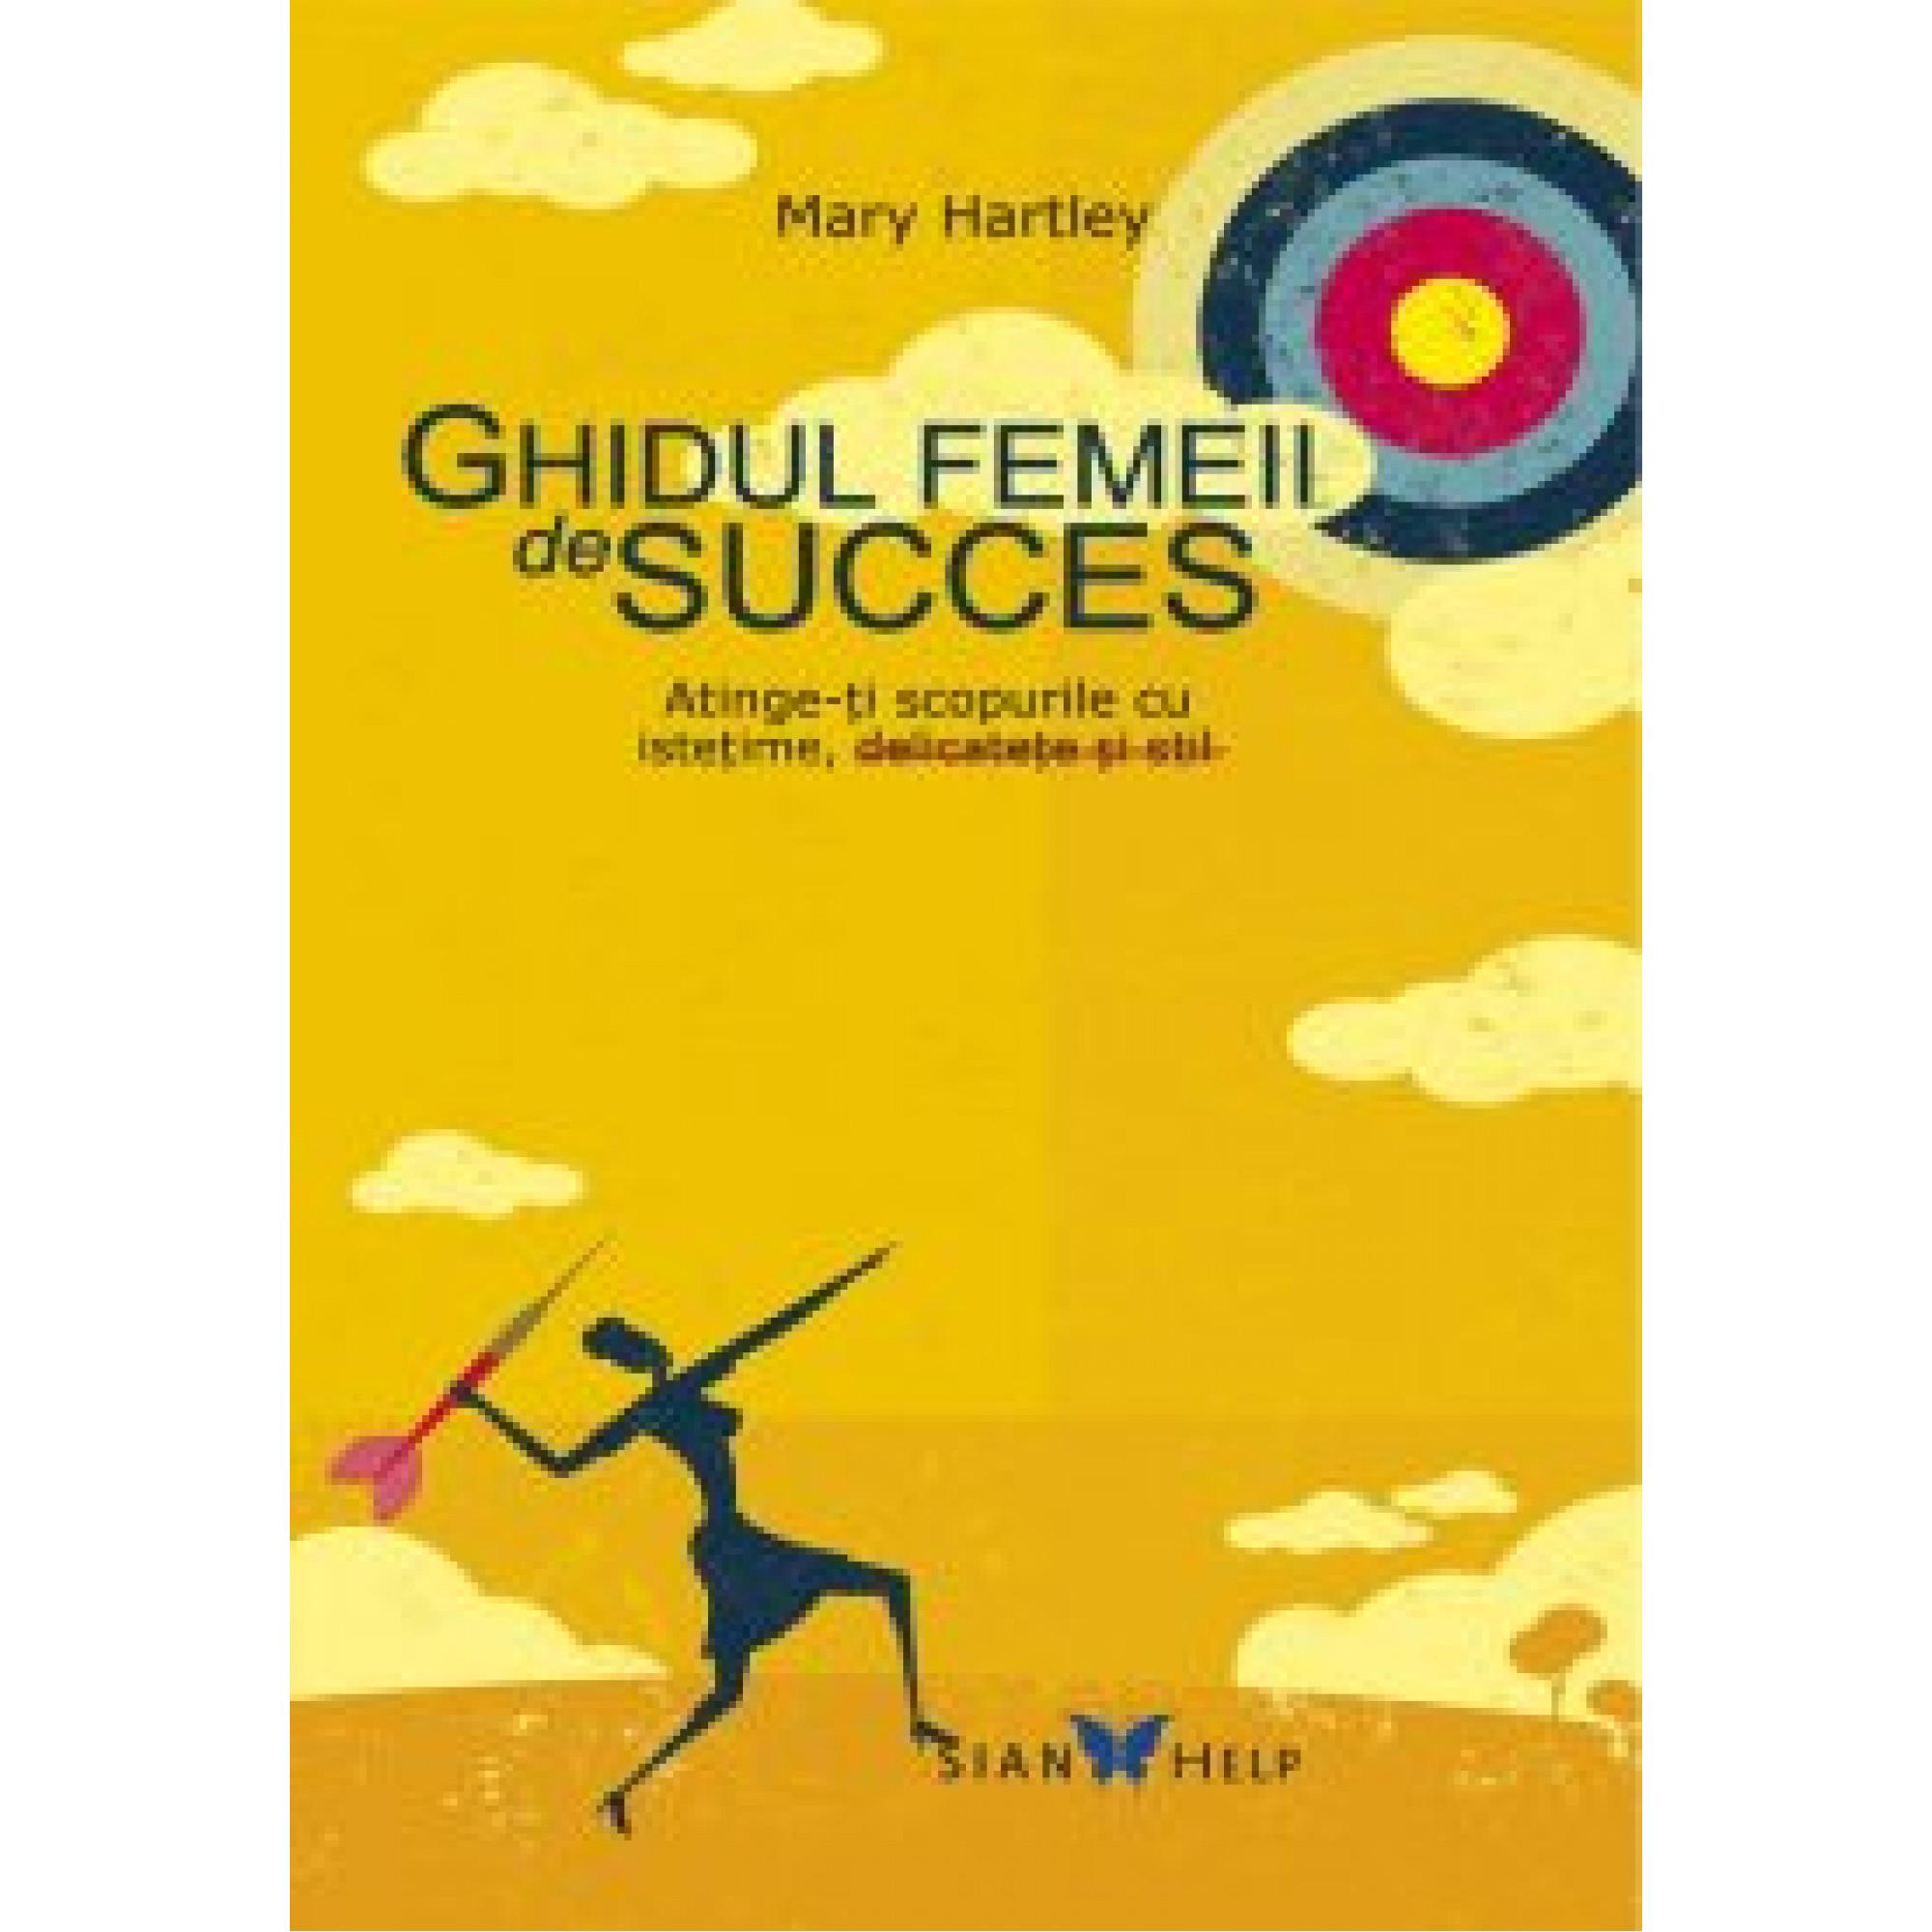 Ghidul femeii de succes; Mary Hartley